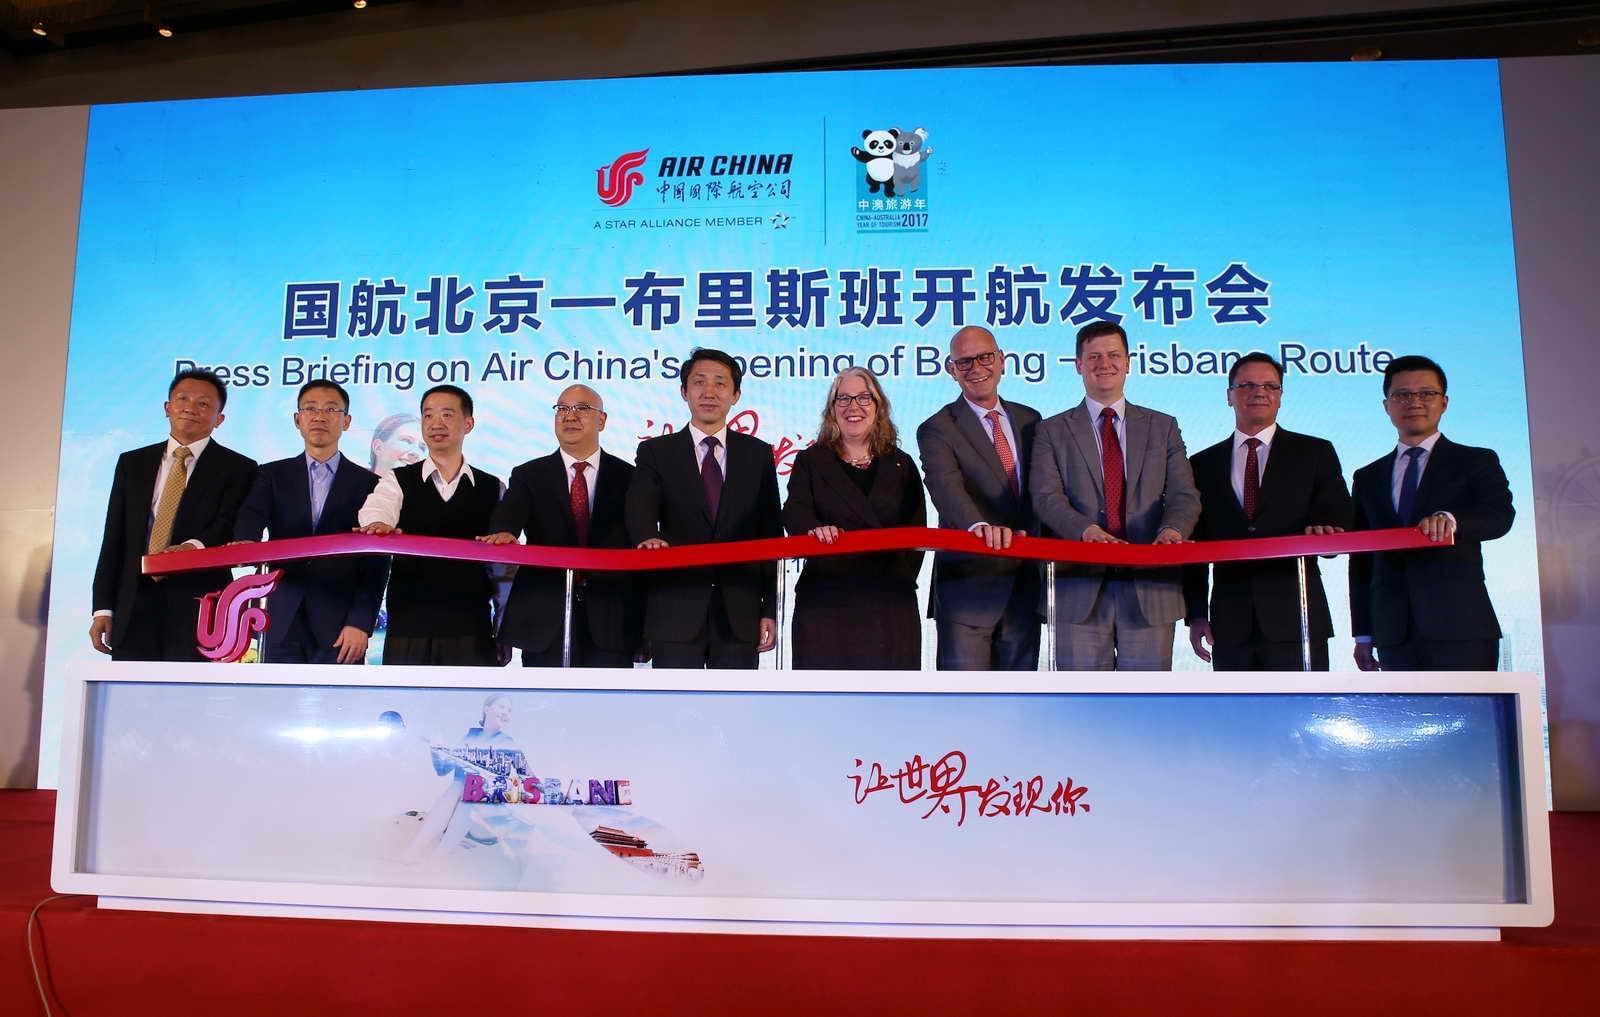 与会嘉宾共同祝福北京-布里斯班航线首航成功